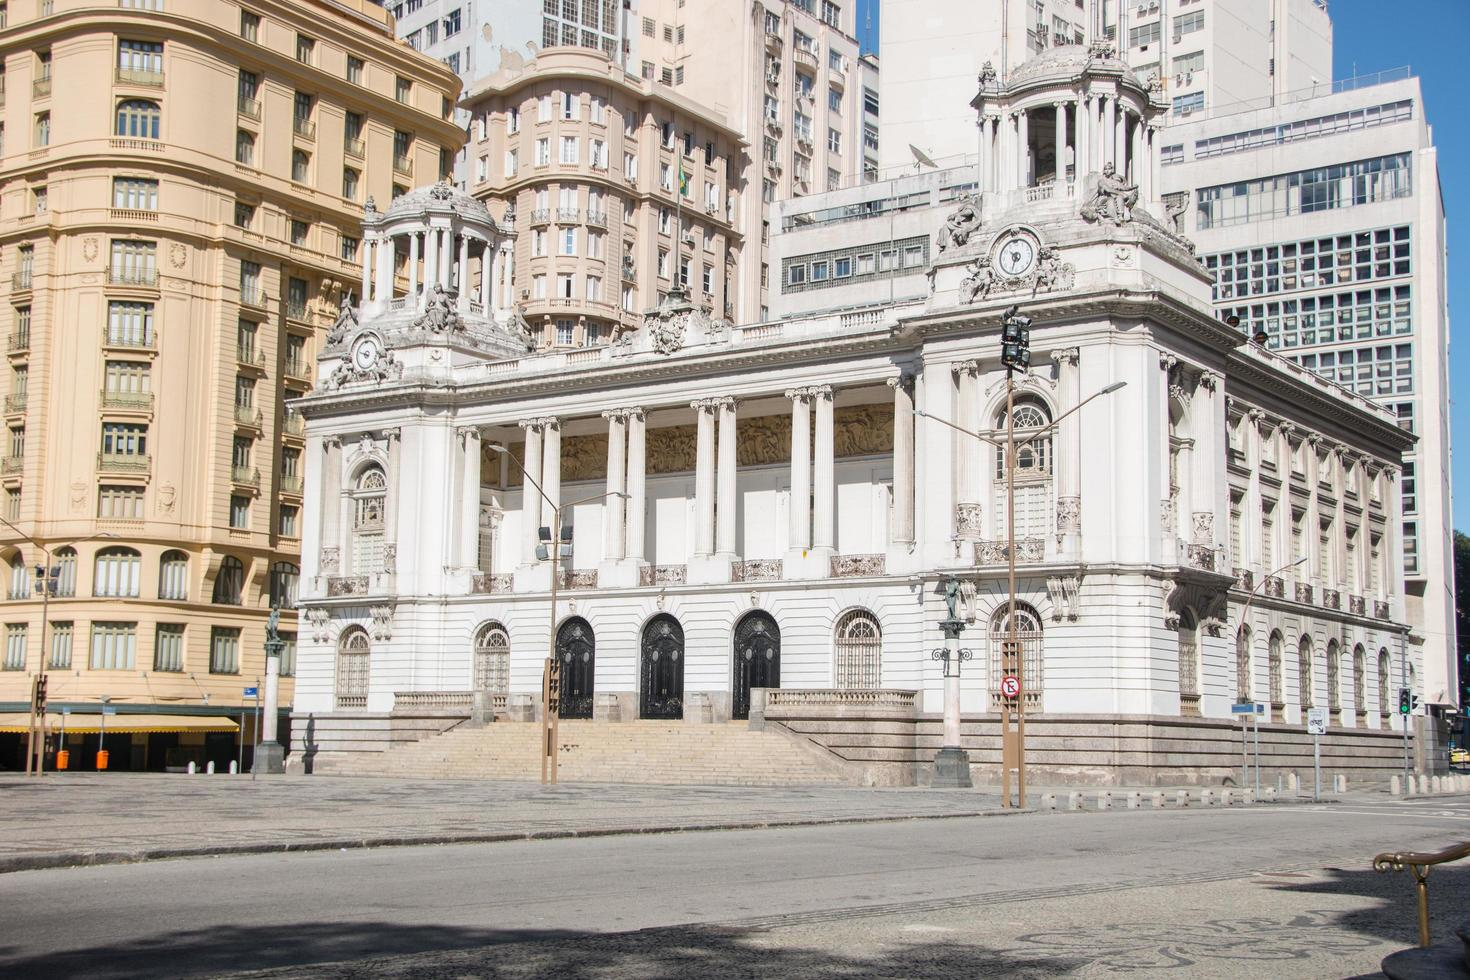 río de janeiro, brasil, 2015 - edificio del ayuntamiento de río de janeiro foto